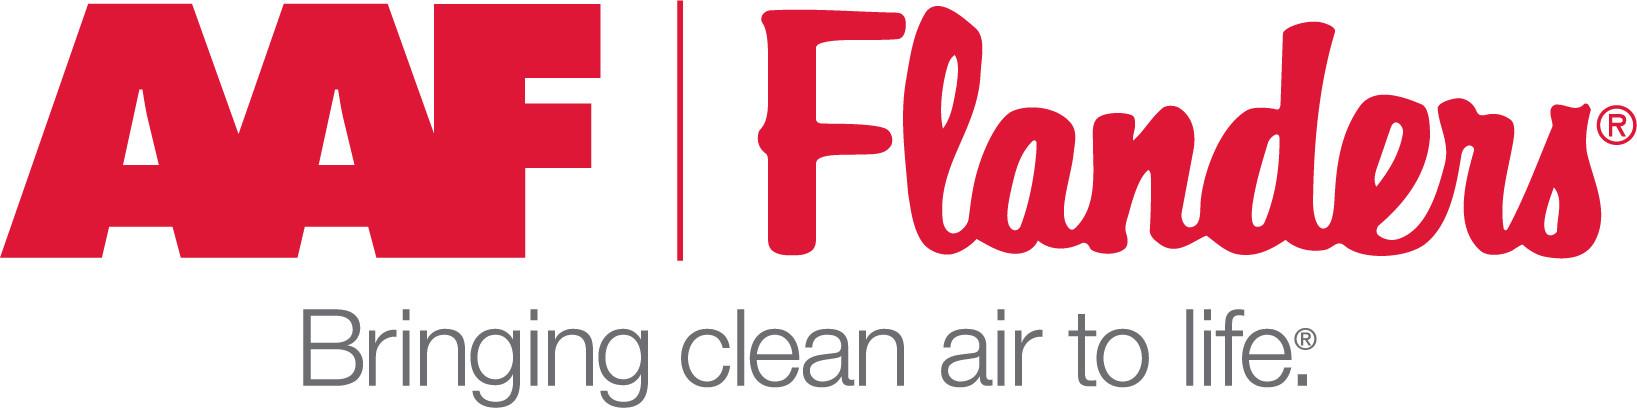 AAF Flanders